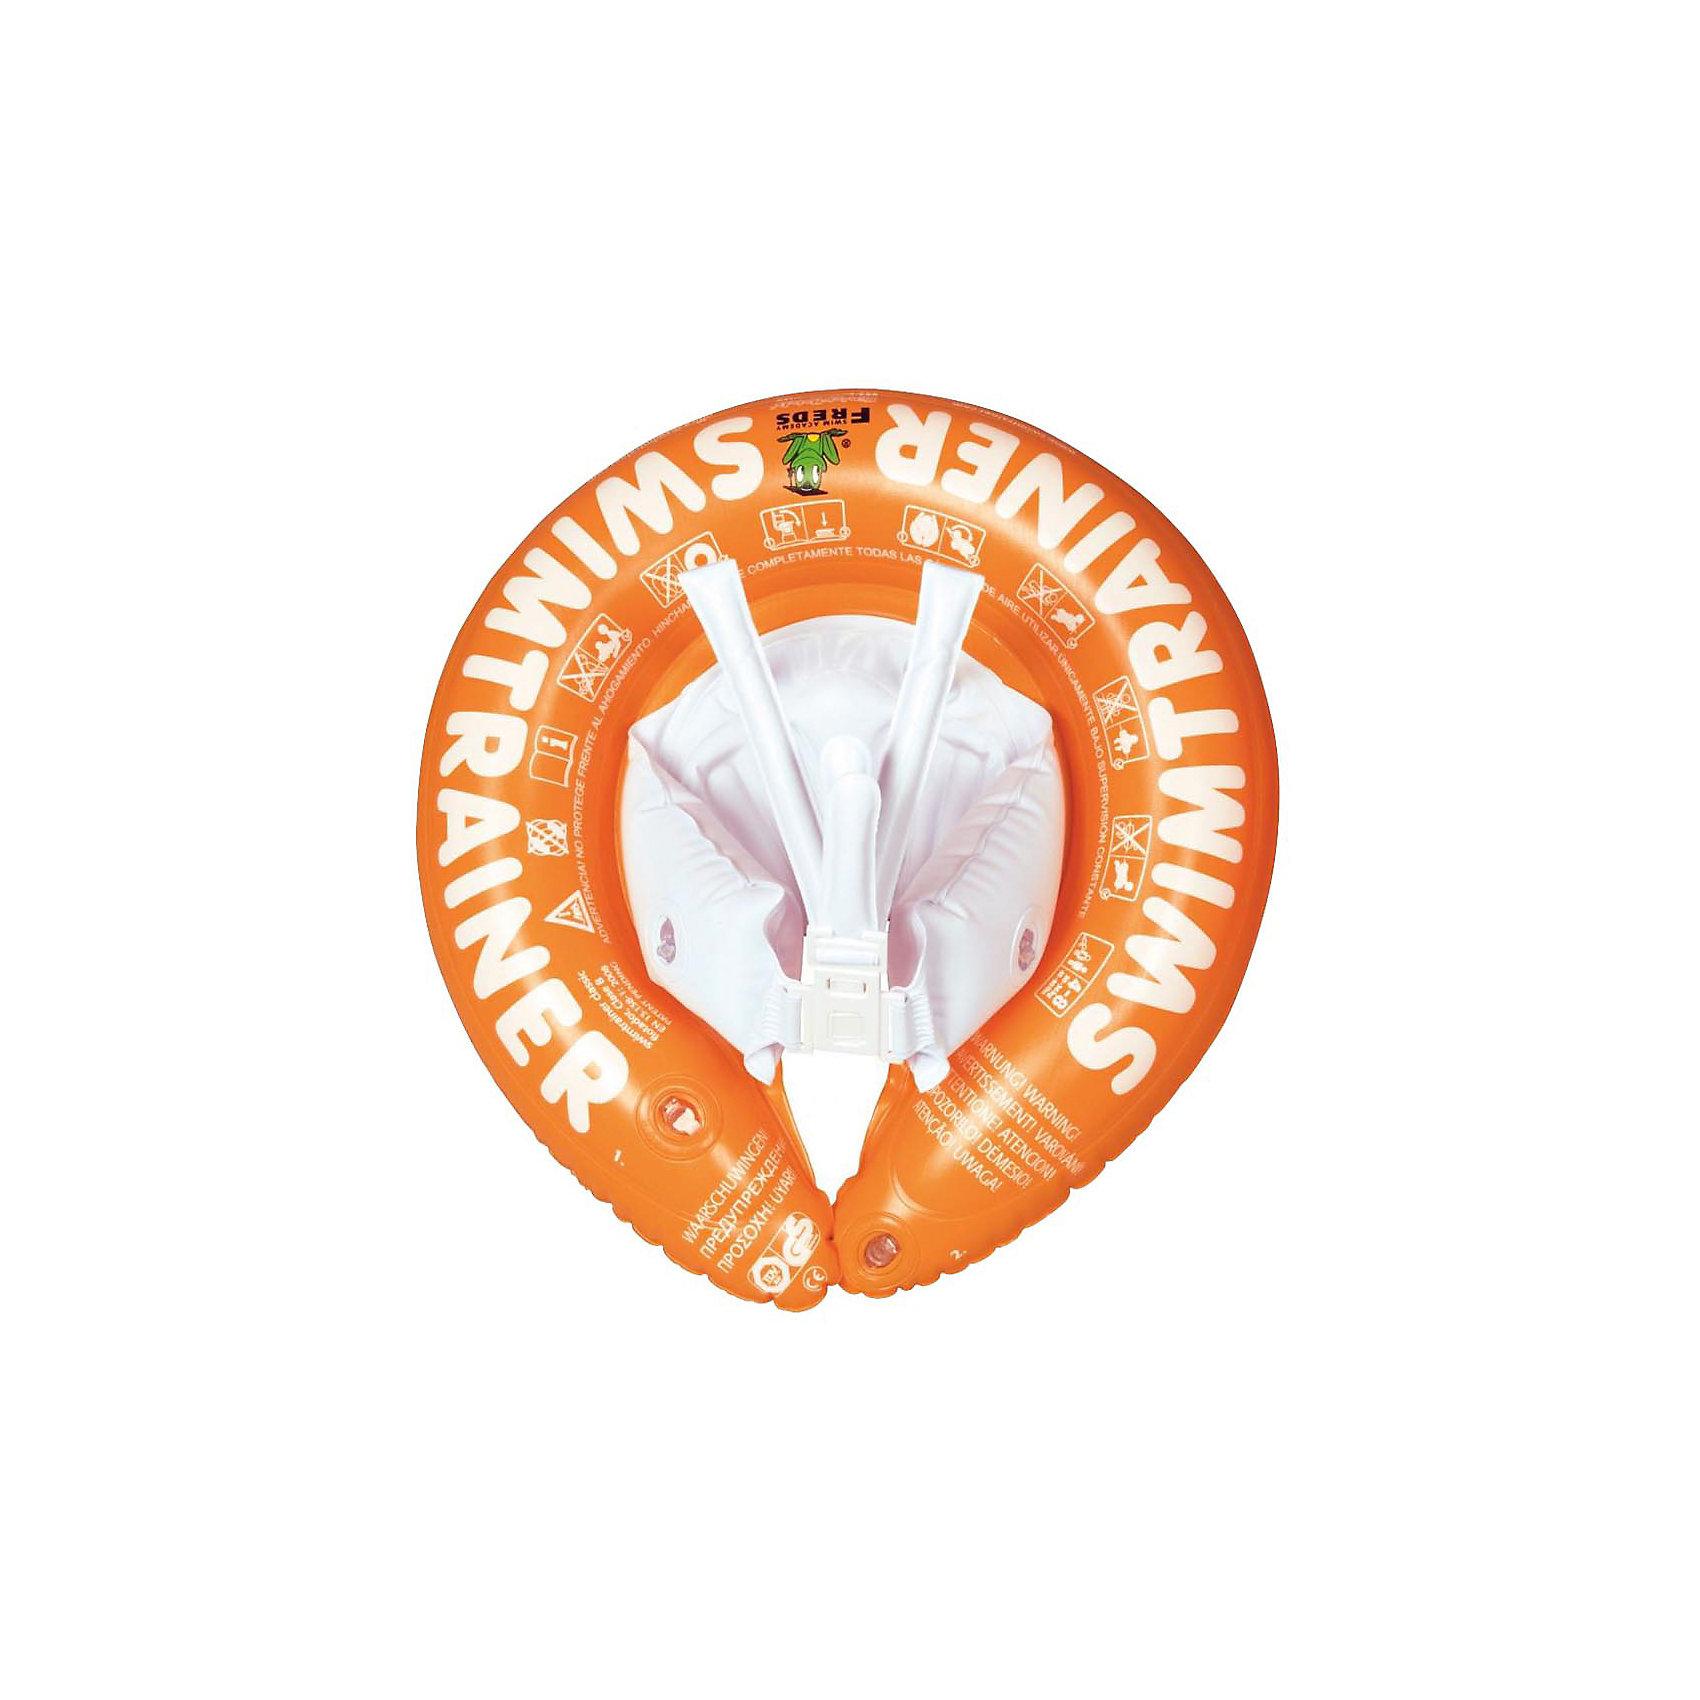 Swimtrainer Надувной круг Classic, оранжевыйКруги и нарукавники<br>Круг, который не только поддерживает на воде, но помогает учиться плавать Вашему ребенку!<br><br>Дети в возрасте примерно с 2 до 6 лет могут переходить на оранжевый надувной круг, который чуть менее плавуч, чем красный  Swimtrainer Classic (за счёт изменения объёма верхней и нижней камер), что позволяет координировать движения руками и ногами.<br><br>Особенности  круга Swimtrainer Classic:<br><br>- обеспечивает идеальную плавательную позу, избегая вертикального положения ребёнка в воде; <br>- снабжен надувными камерами, устраняющими скольжение ребёнка в круге; <br>- имеет быстрые зажимы для простоты и надёжности фиксации круга на малыше; <br>-имеет регулируемые надувные лямки, которые не дадут ребёнку чрезмерно наклоняться вперёд (хлебать воду) или перевернуться в круге. <br> <br>Дополнительная информация:<br><br>- Материал: ПВХ.<br>- Цвет: оранжевый.<br>- Круг регулируется по размеру, благодаря наличию нескольких надувных камер.<br><br>Ширина мм: 225<br>Глубина мм: 195<br>Высота мм: 40<br>Вес г: 372<br>Возраст от месяцев: 24<br>Возраст до месяцев: 72<br>Пол: Унисекс<br>Возраст: Детский<br>SKU: 3165697